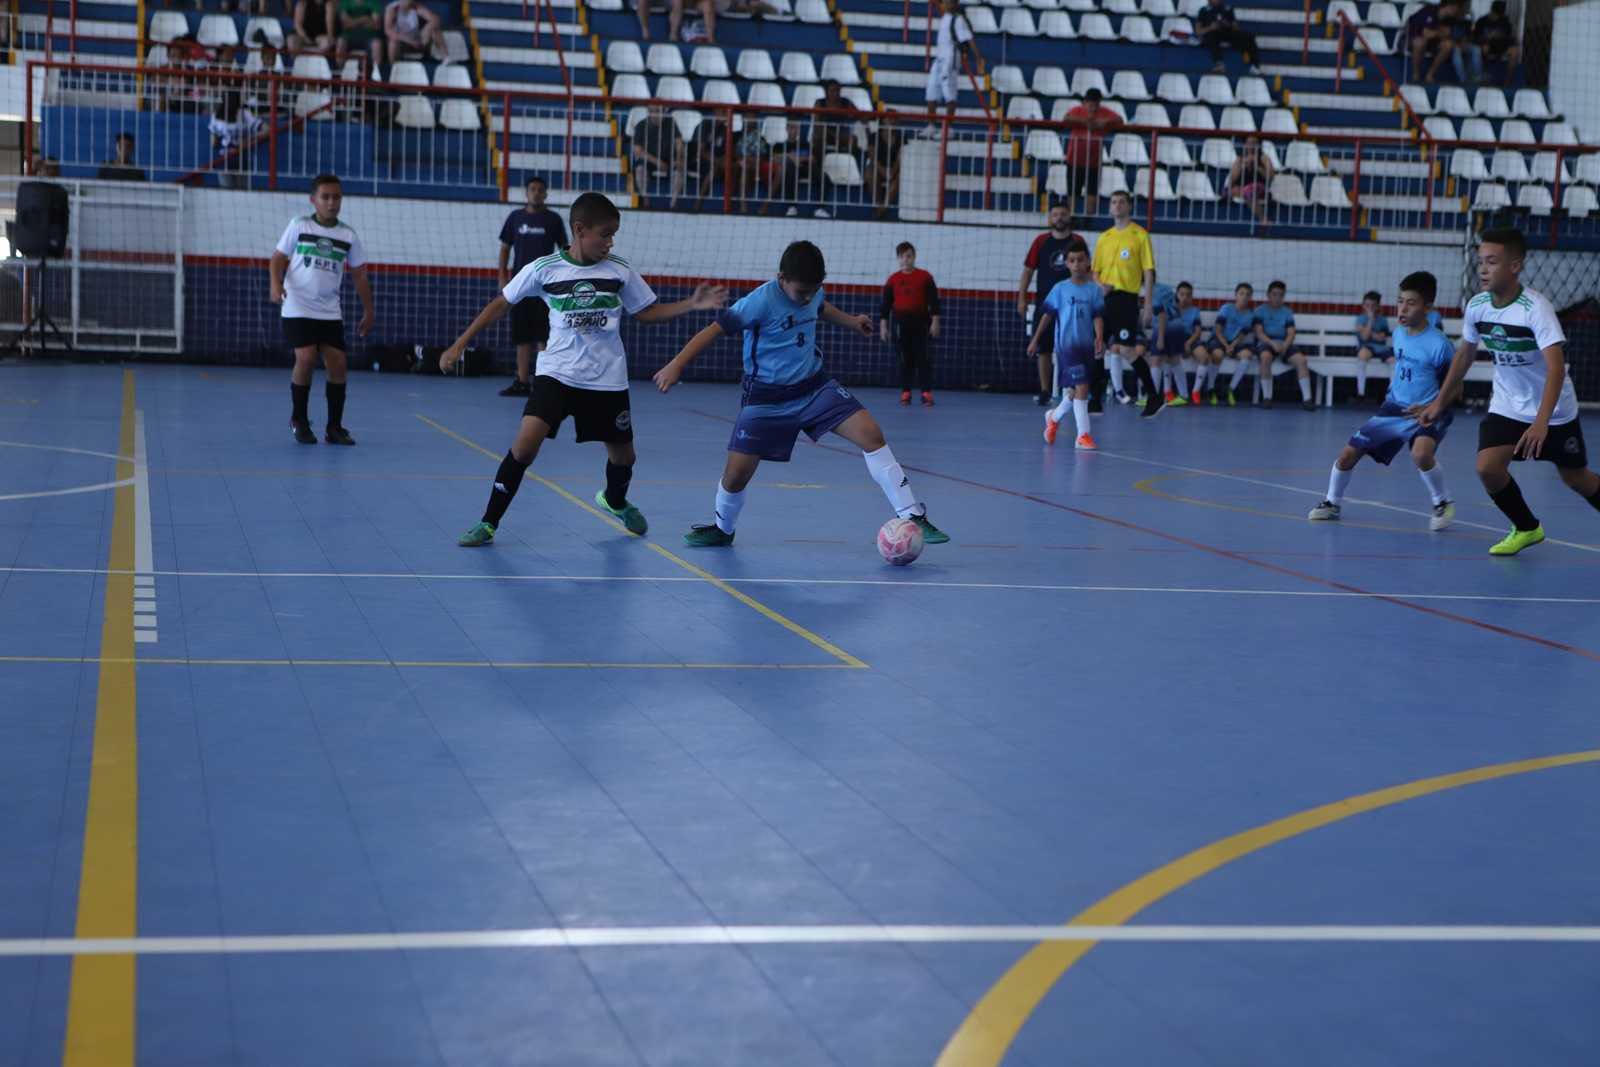 14º Campeonato Dores/Pampeiro de Futsal Categorias de Base (Finais)